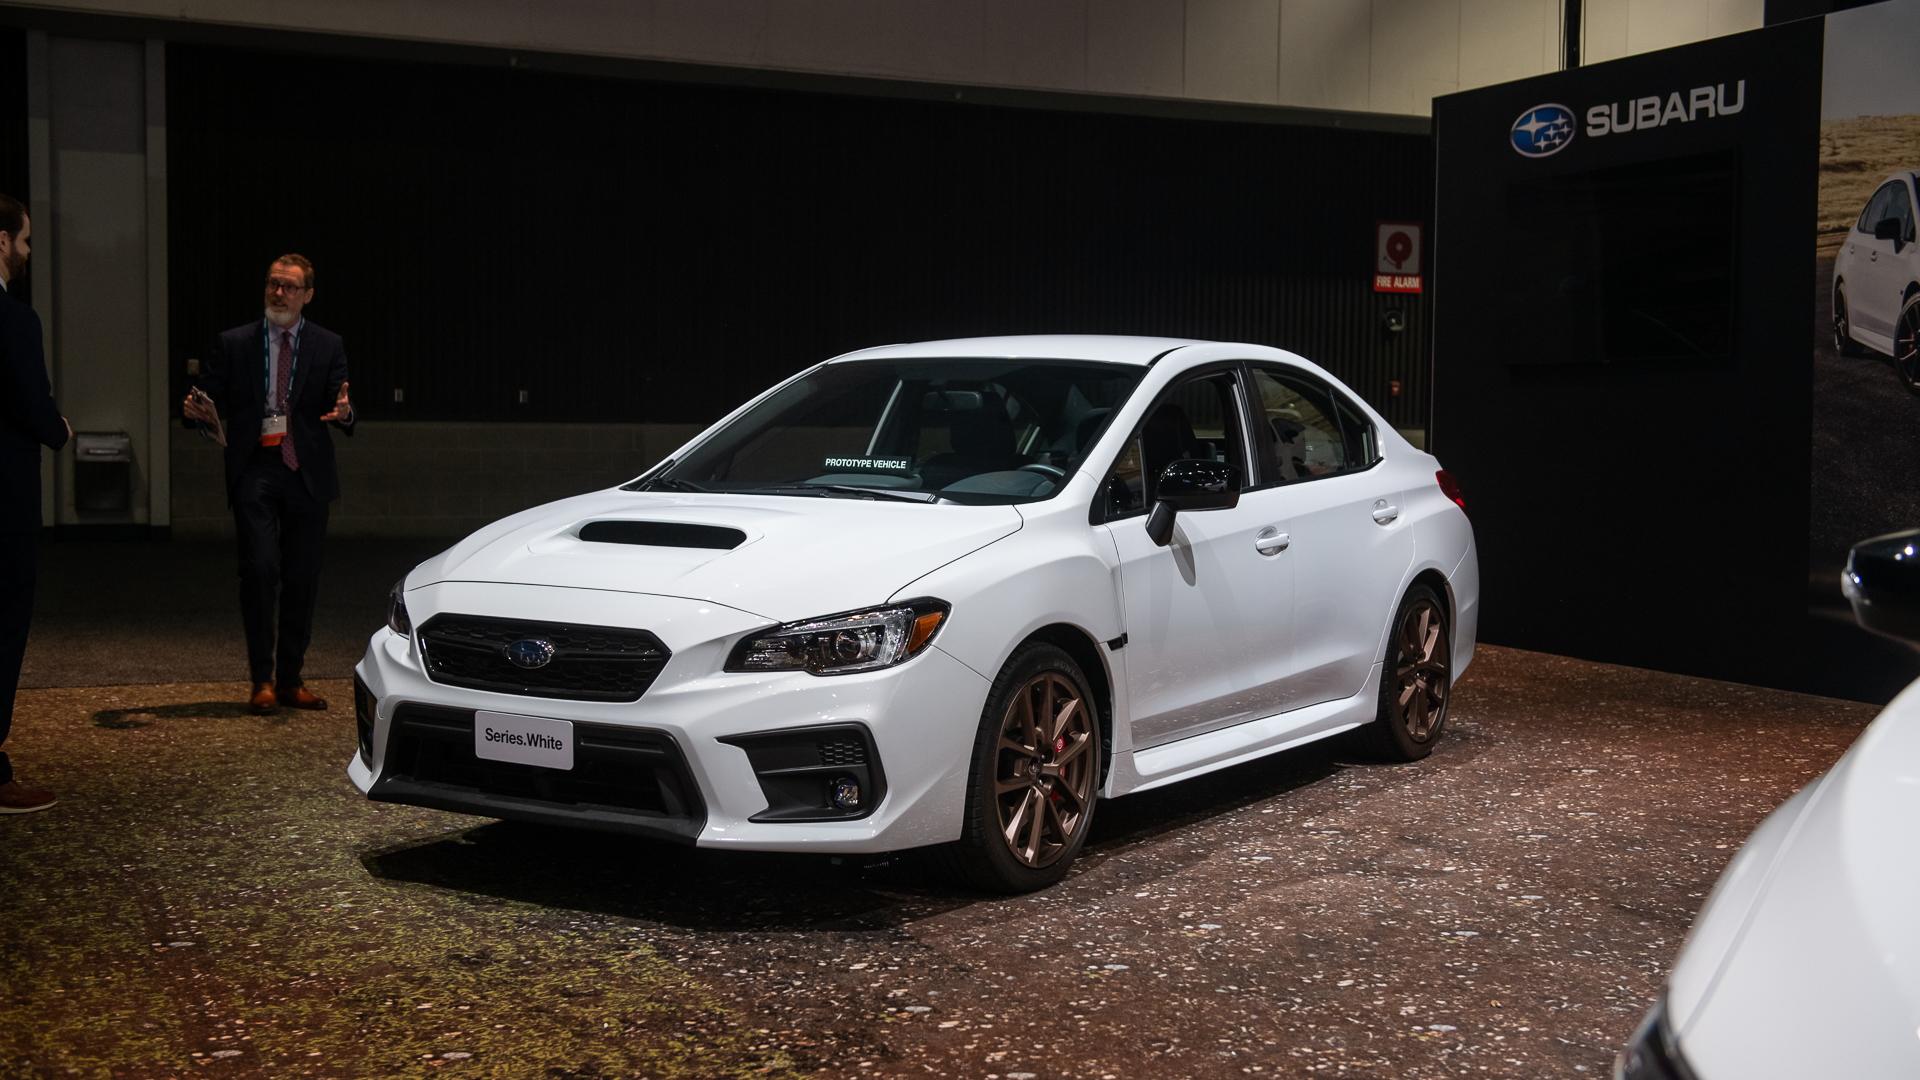 2020 Subaru Wrx Ratings